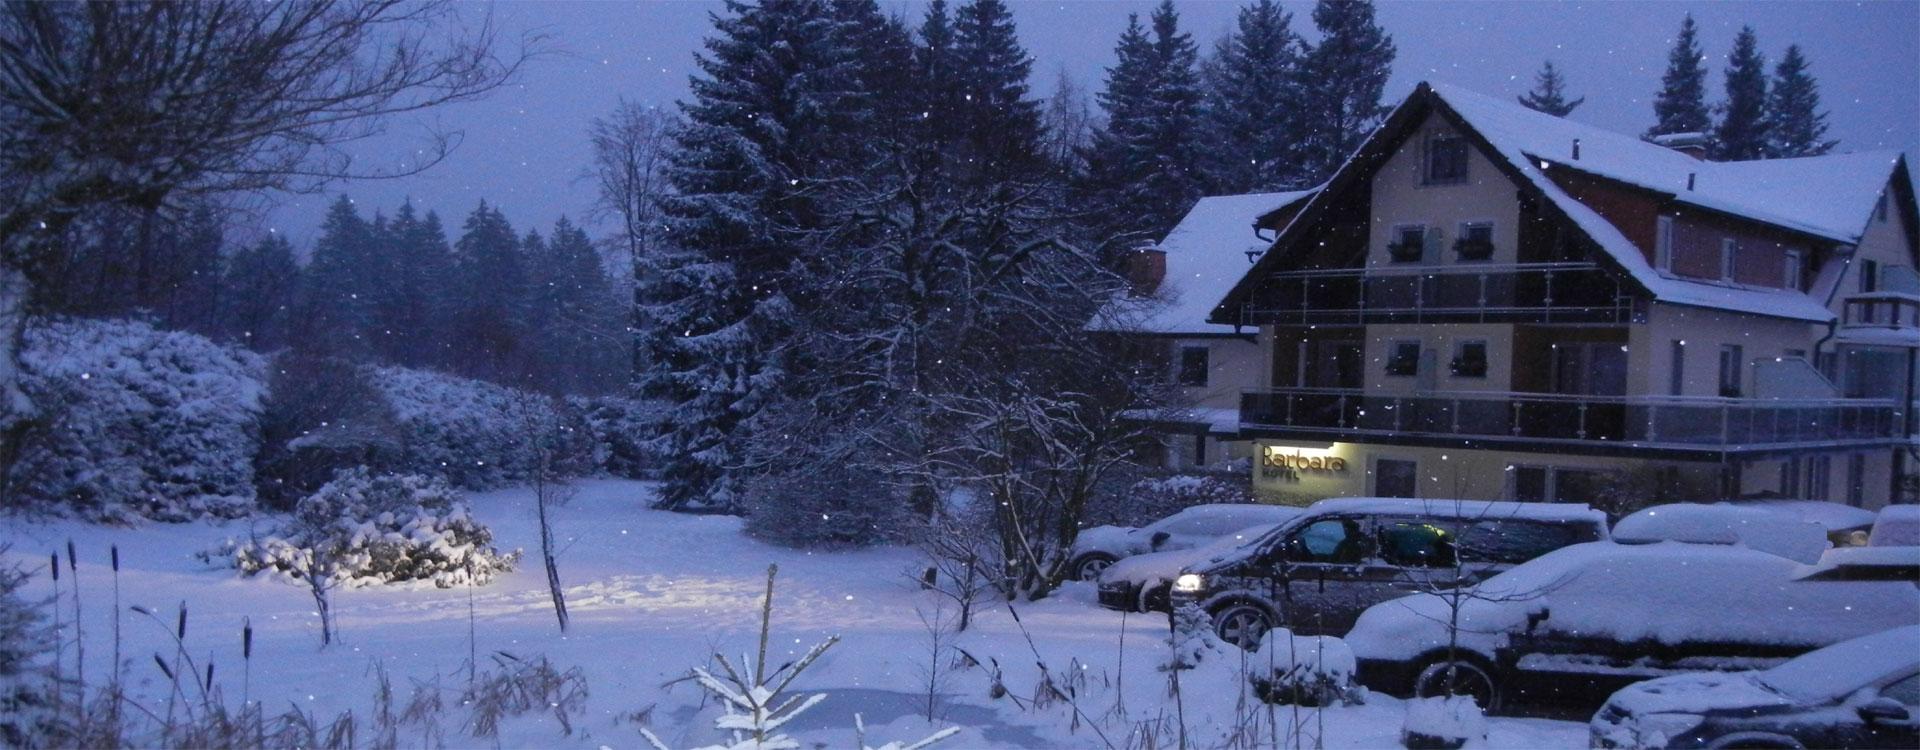 Ferienwohnungen im Wintersportzentrum